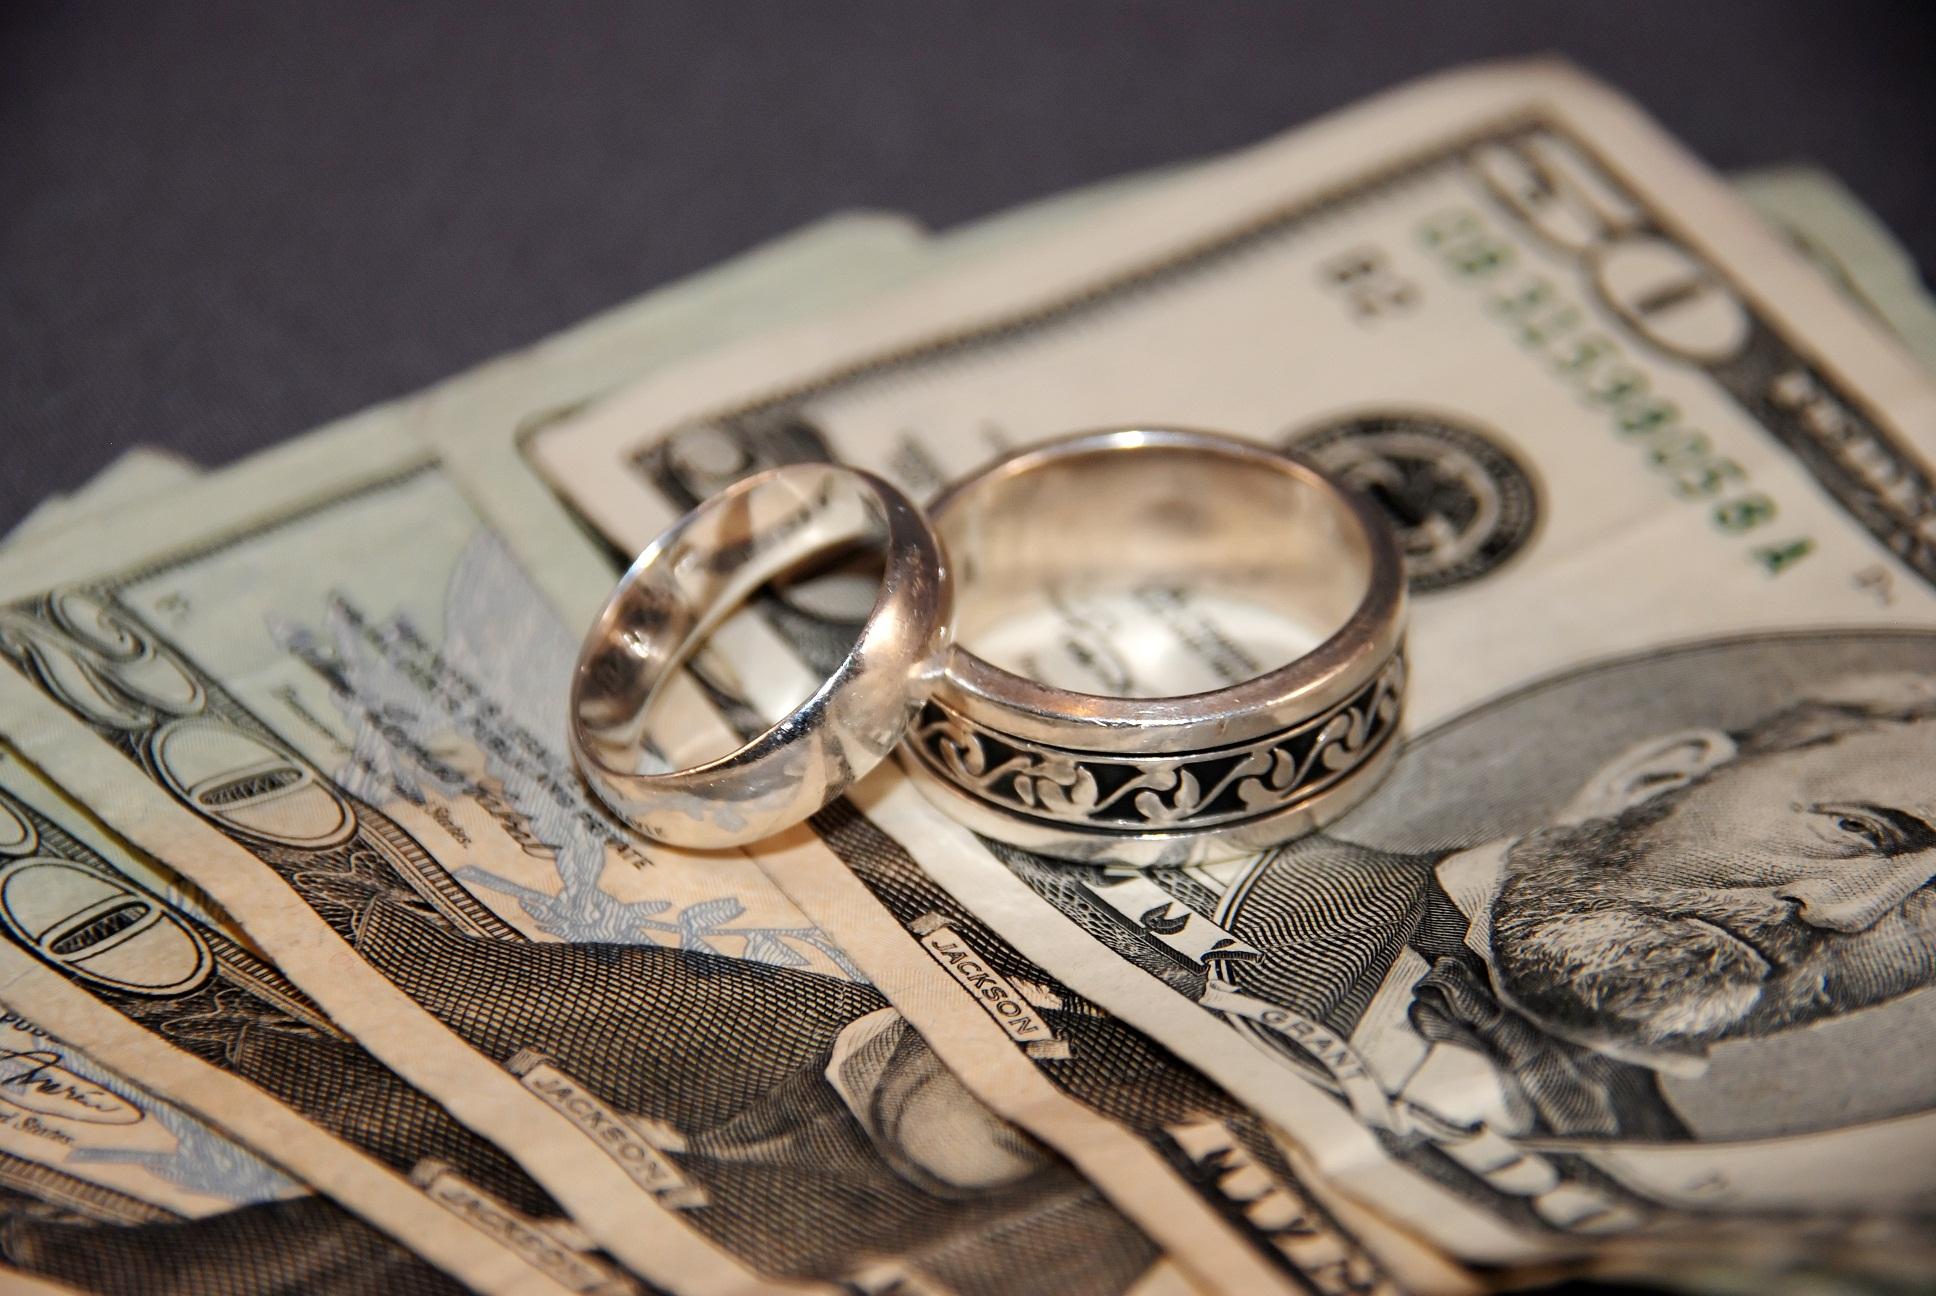 b9638770d830 Сдать золото цена за грамм на лом, куда обращаться и сколько стоит